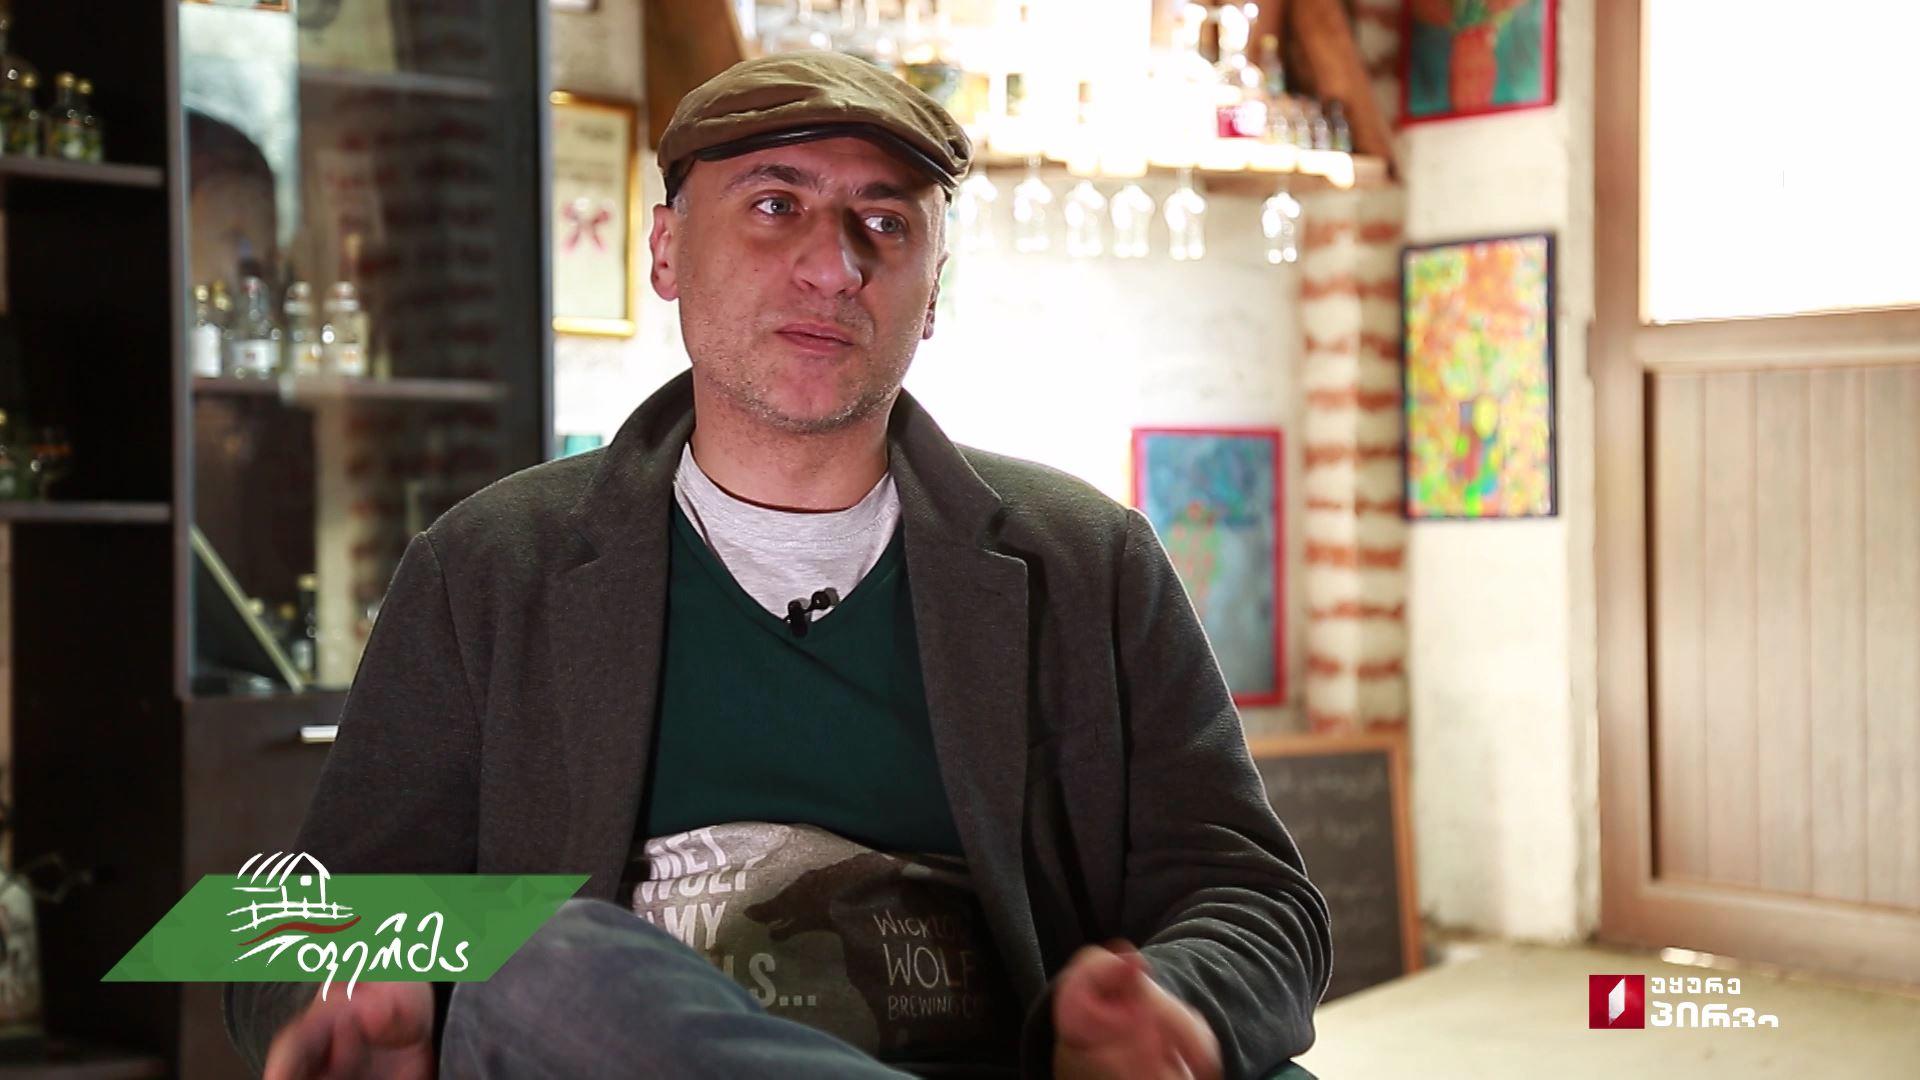 #არტიშოკი გიორგი თევზაძის მიერ დამზადებული ხილის ჭაჭა, განსაკუთრებული არომატისა და გურული ხასიათის შეზავებით